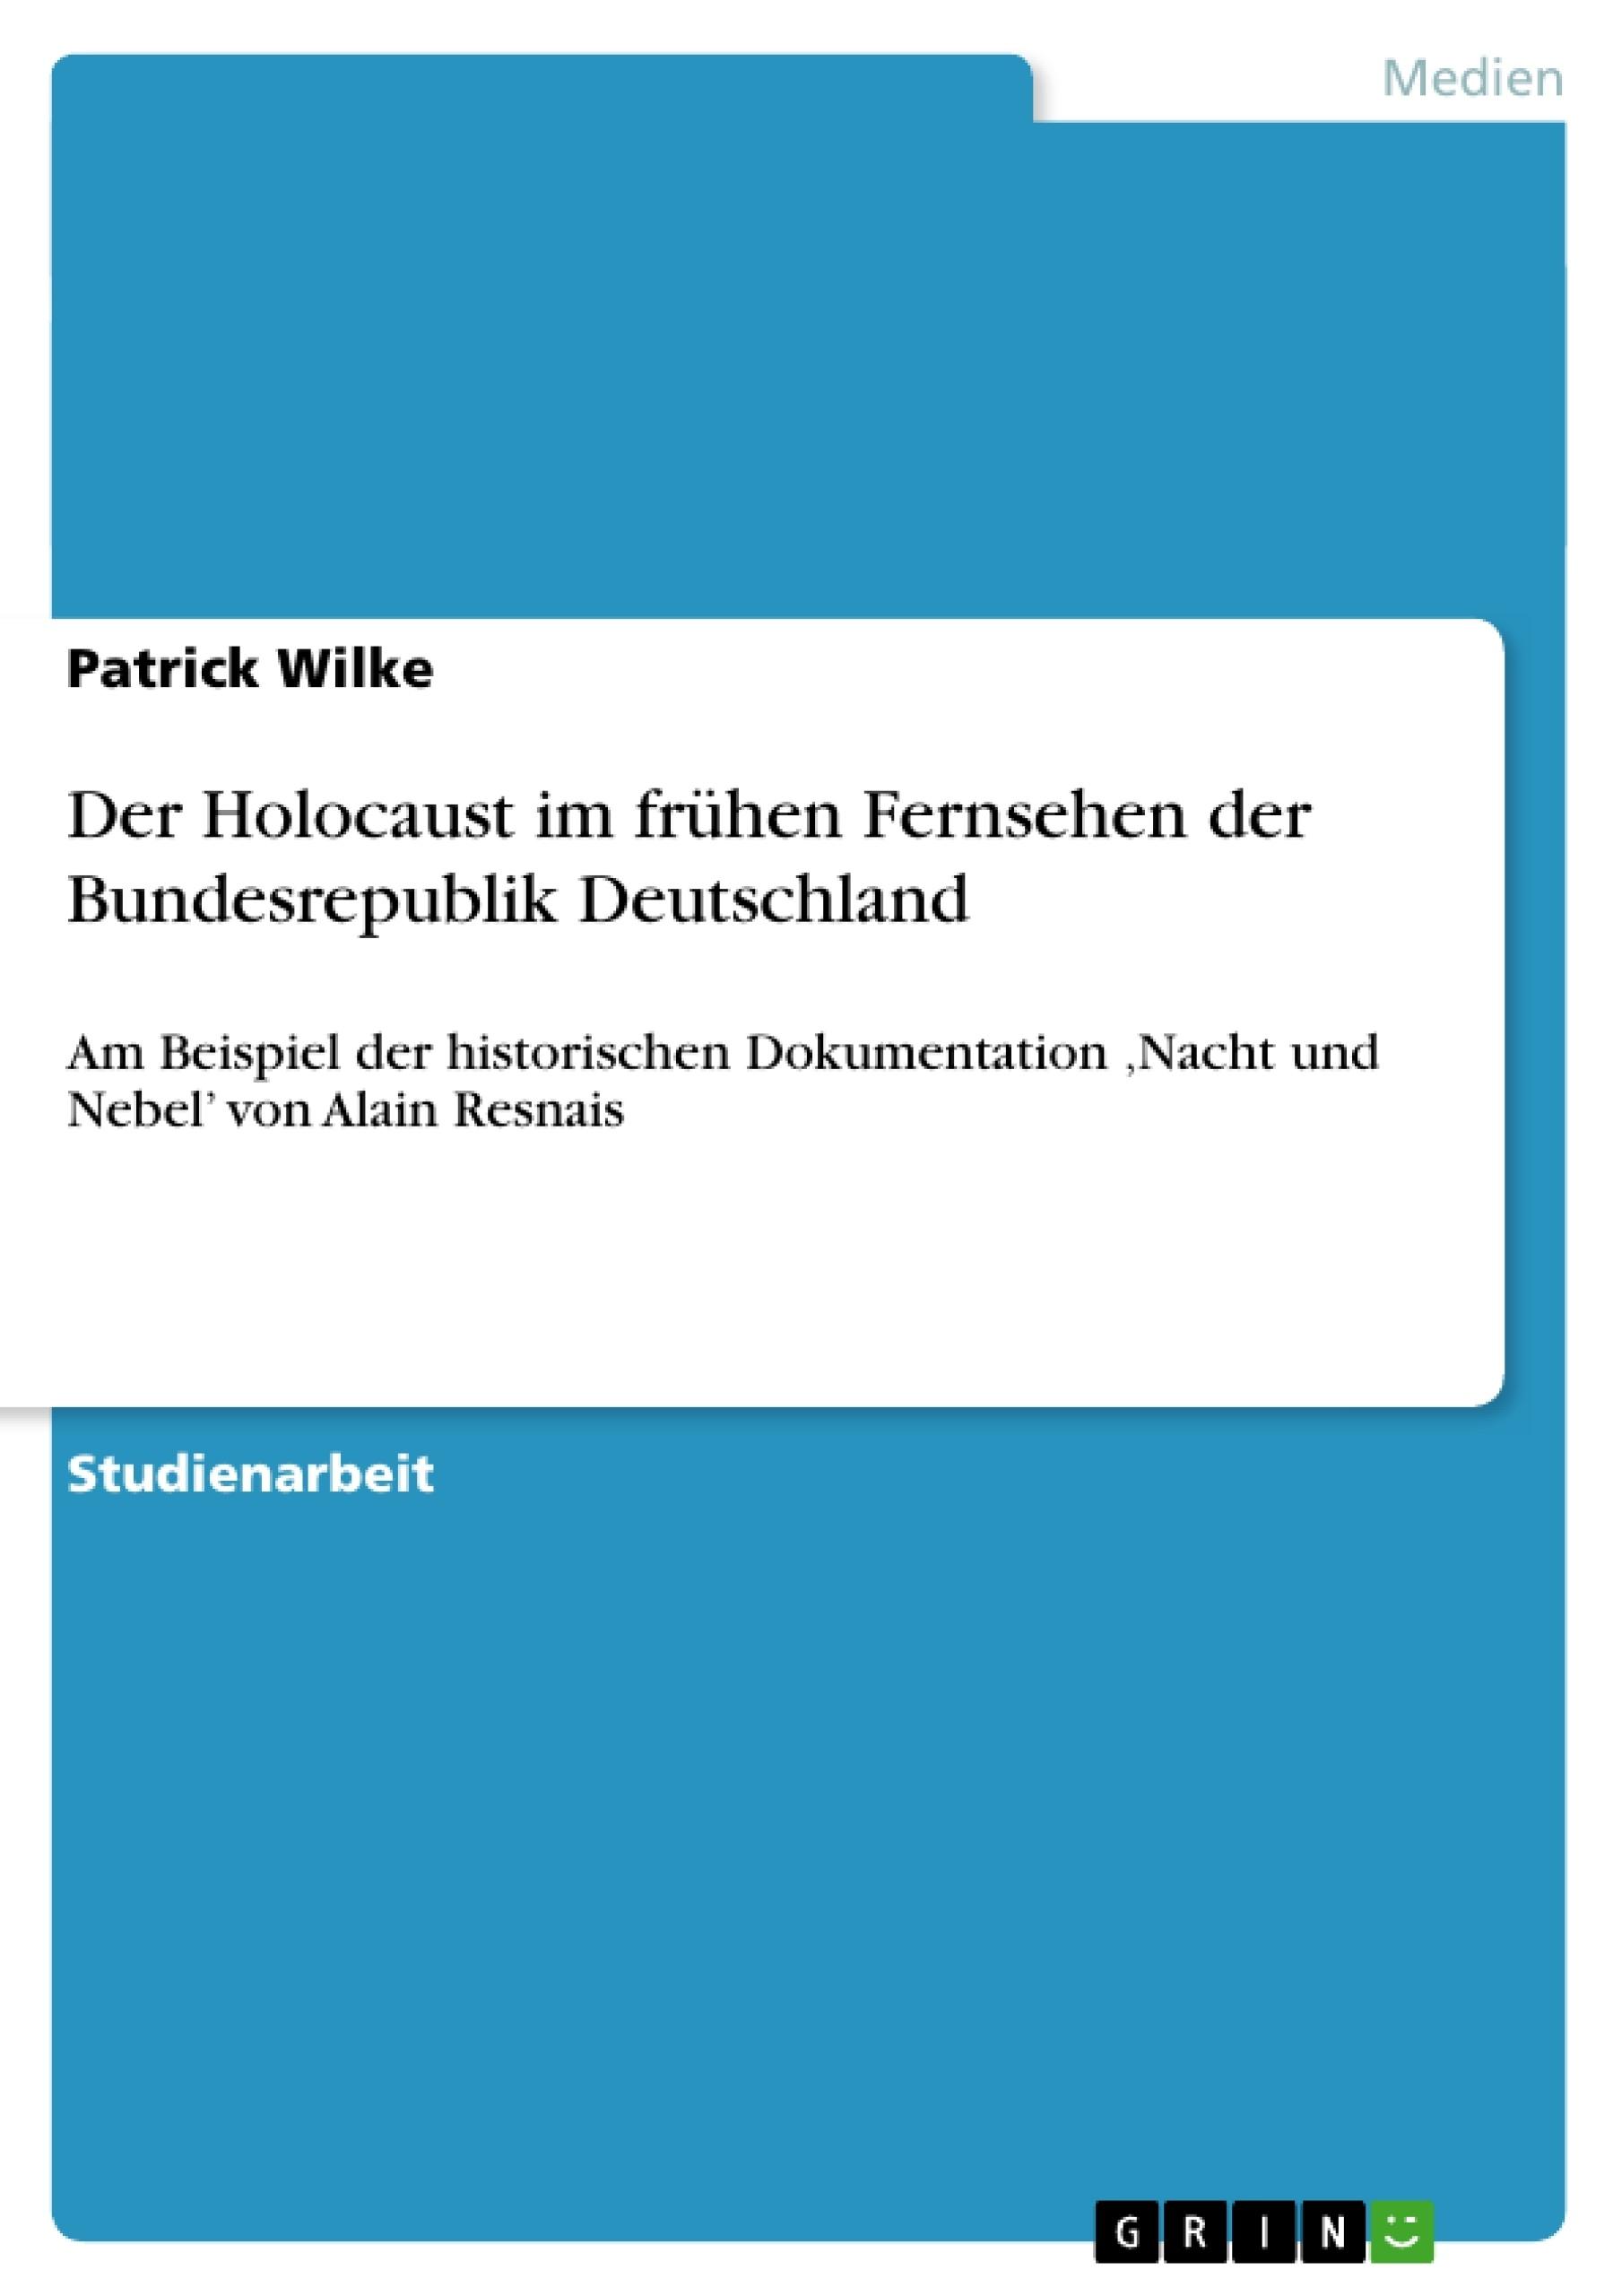 Titel: Der Holocaust im frühen Fernsehen der Bundesrepublik Deutschland